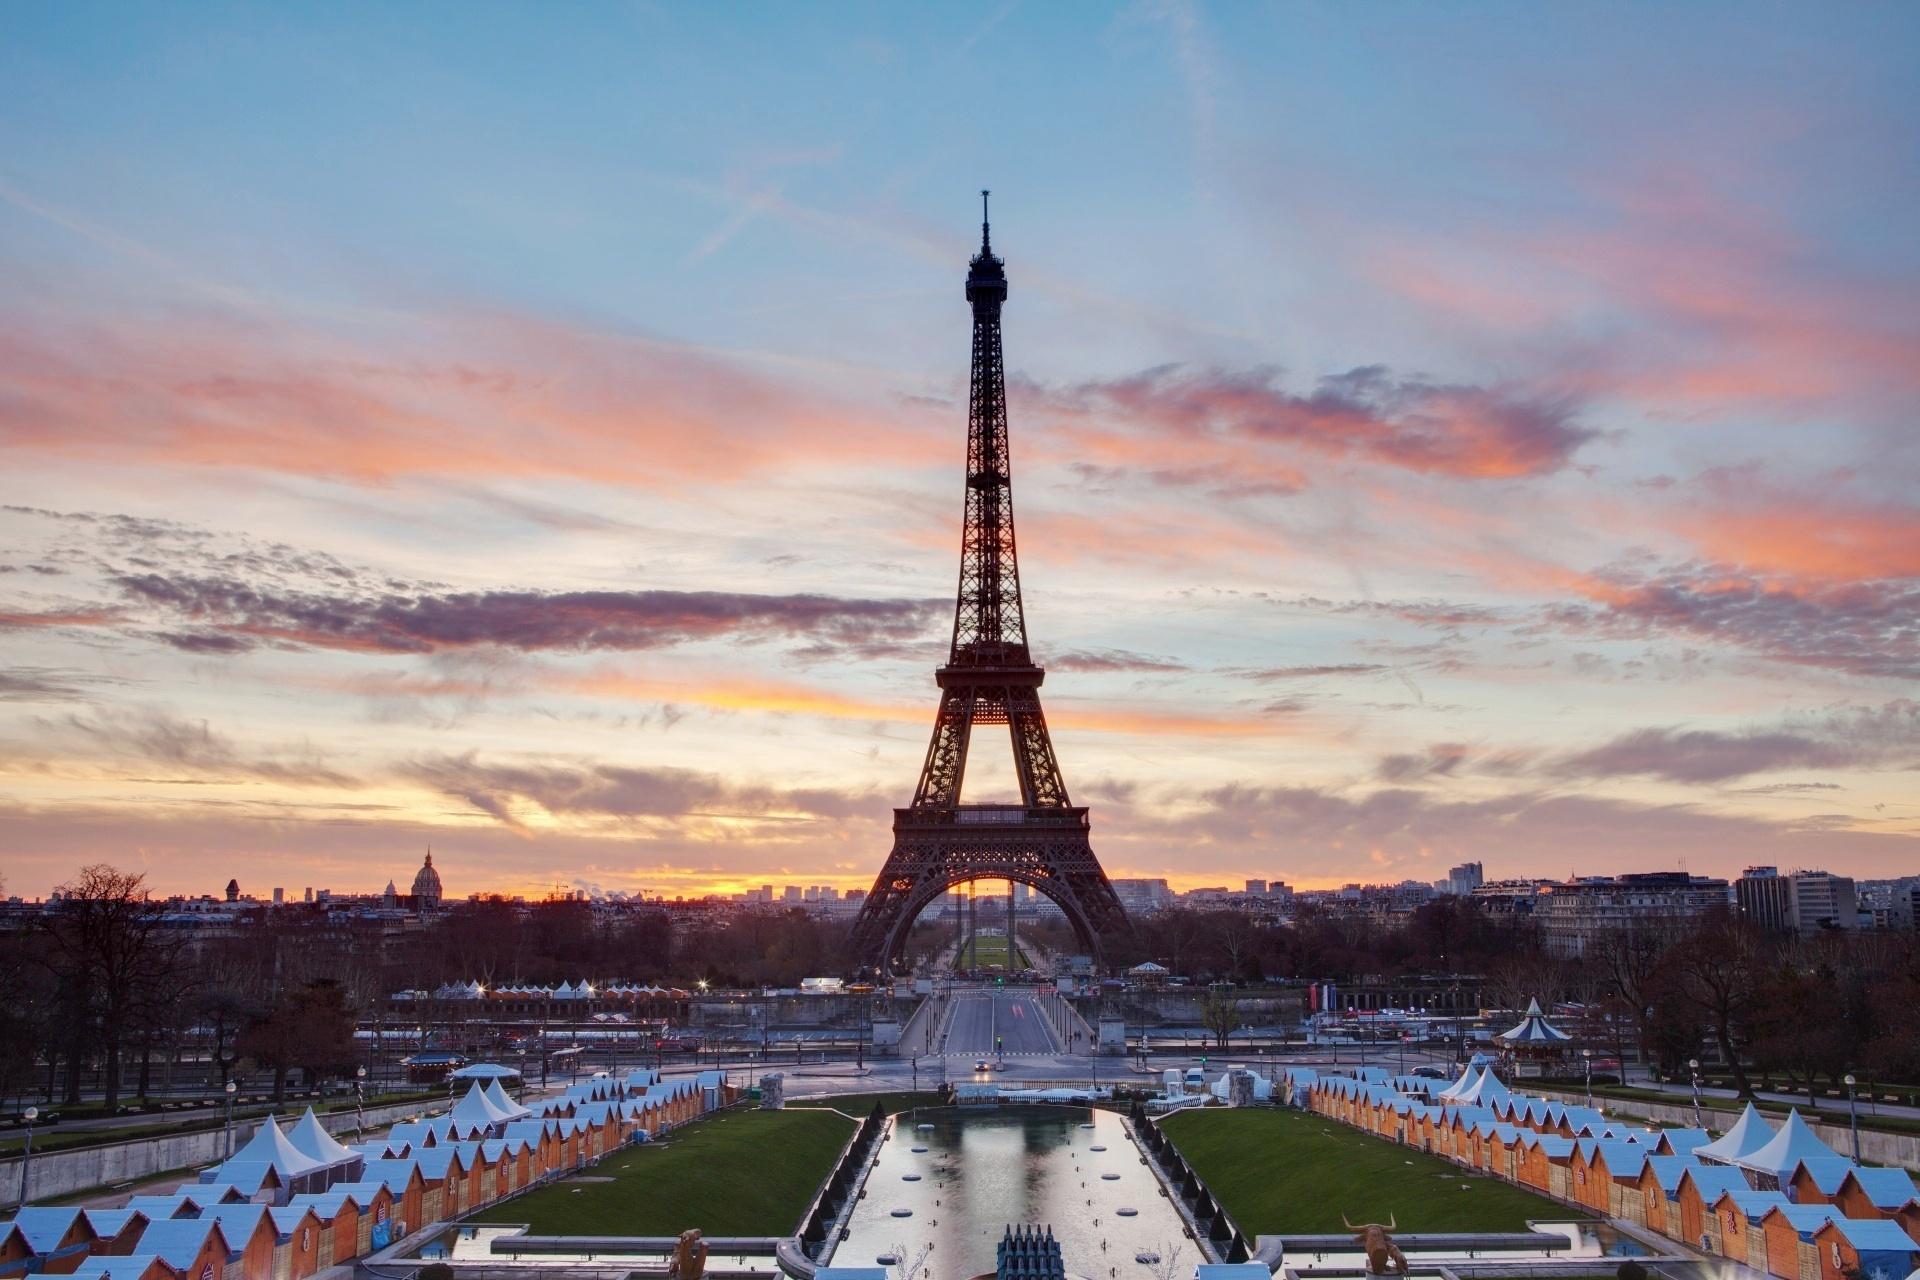 朝のエッフェル塔 早朝のパリの風景 フランスの風景